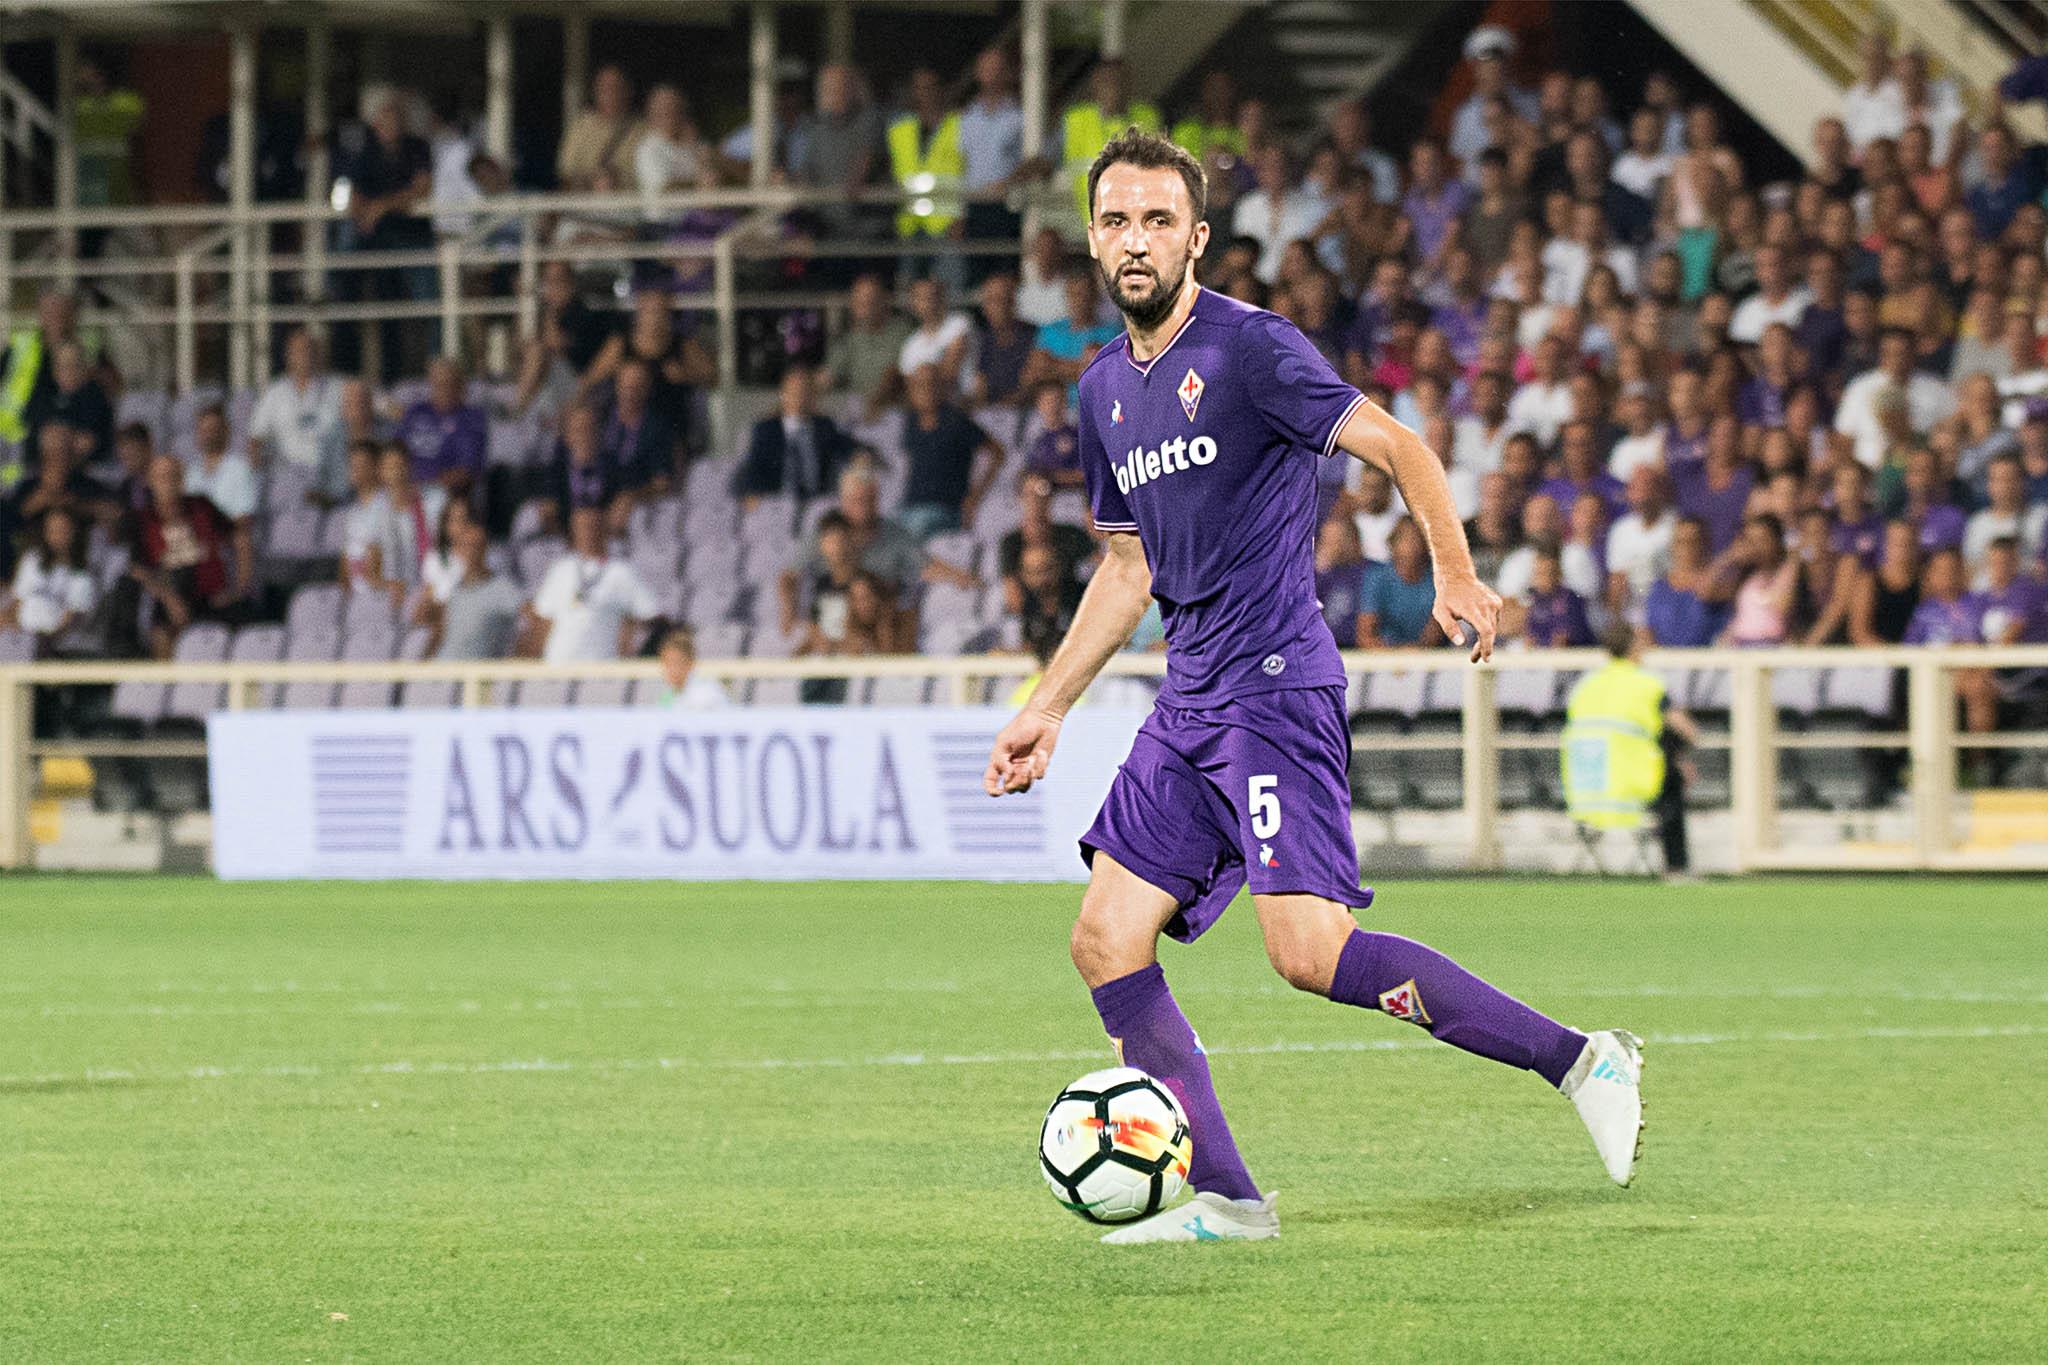 La Fiorentina aggredisce e tiene contro la Juventus, dopo 45′ si resta sullo 0-0